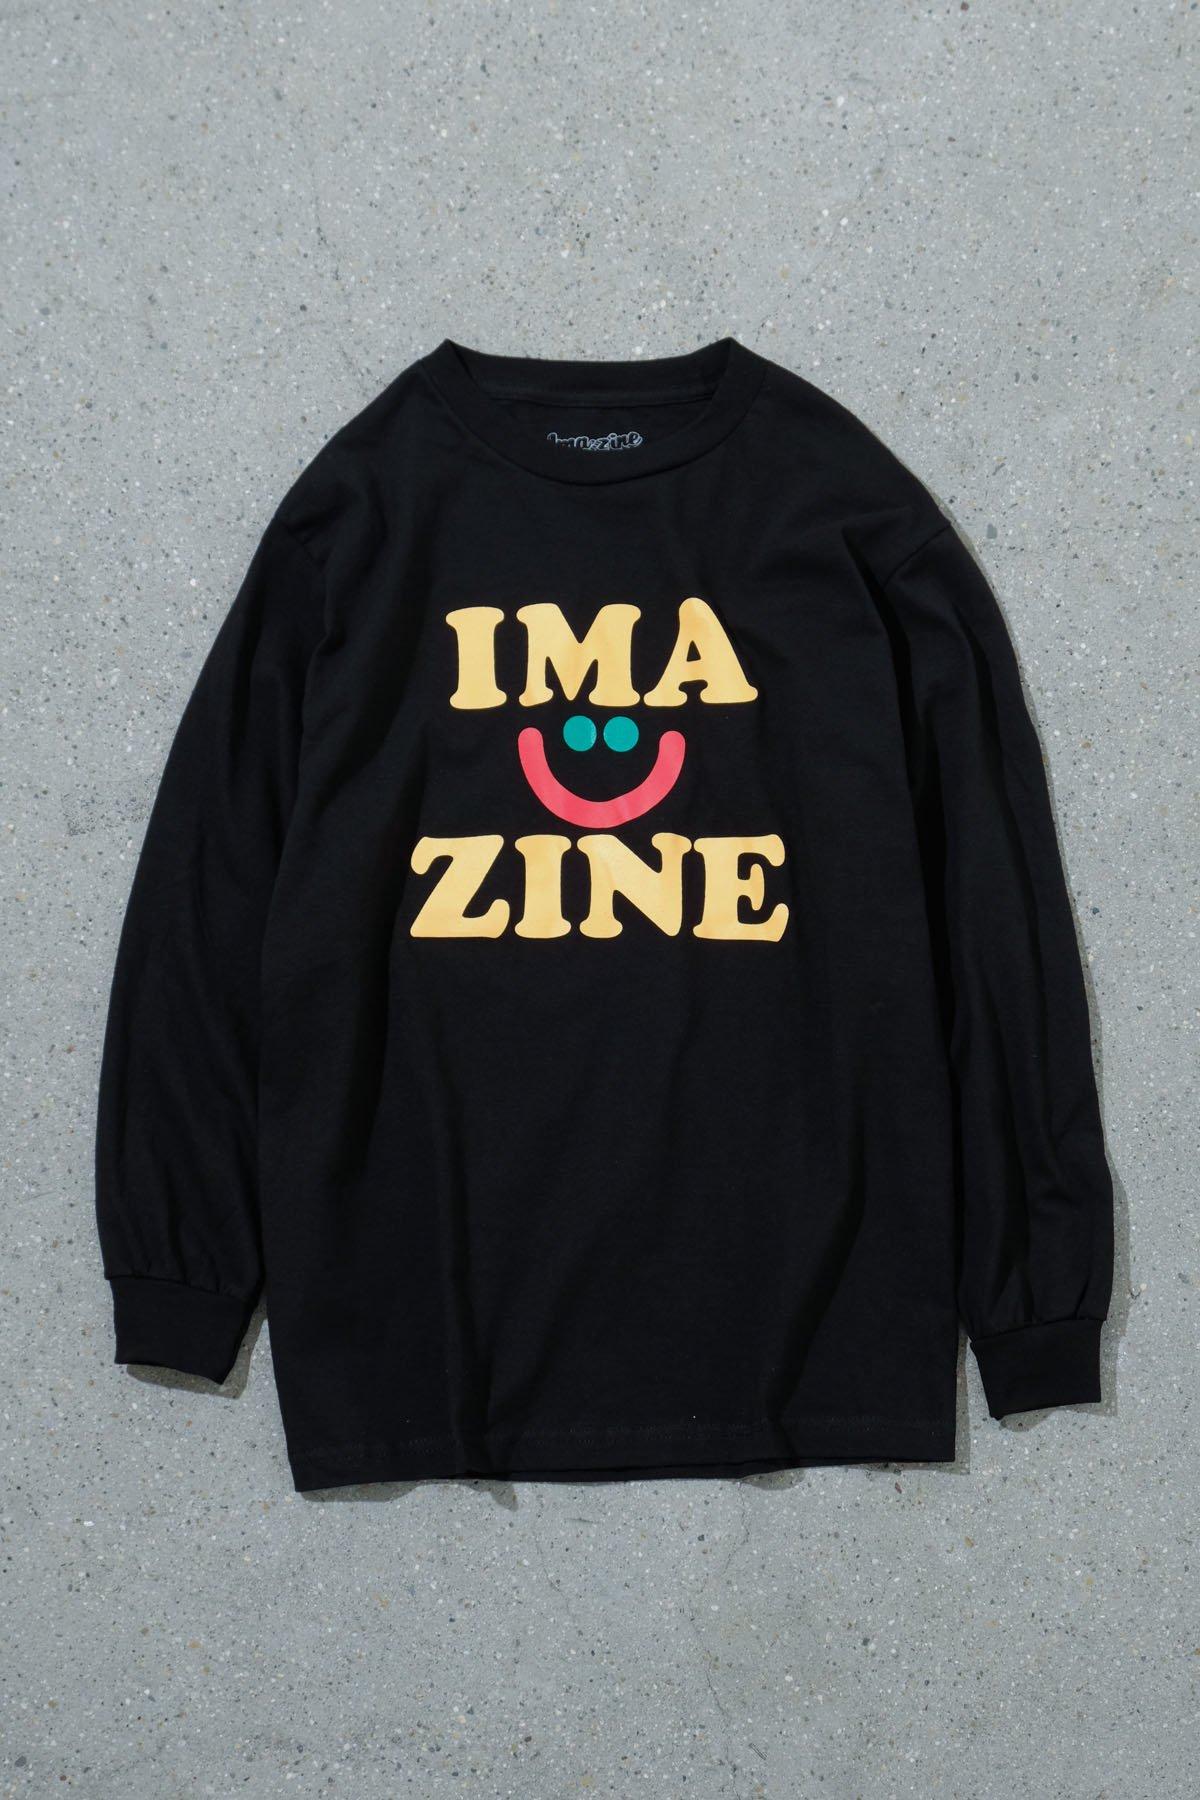 aimi odawara x IMA:ZINE / LONG SLEEVE TEE